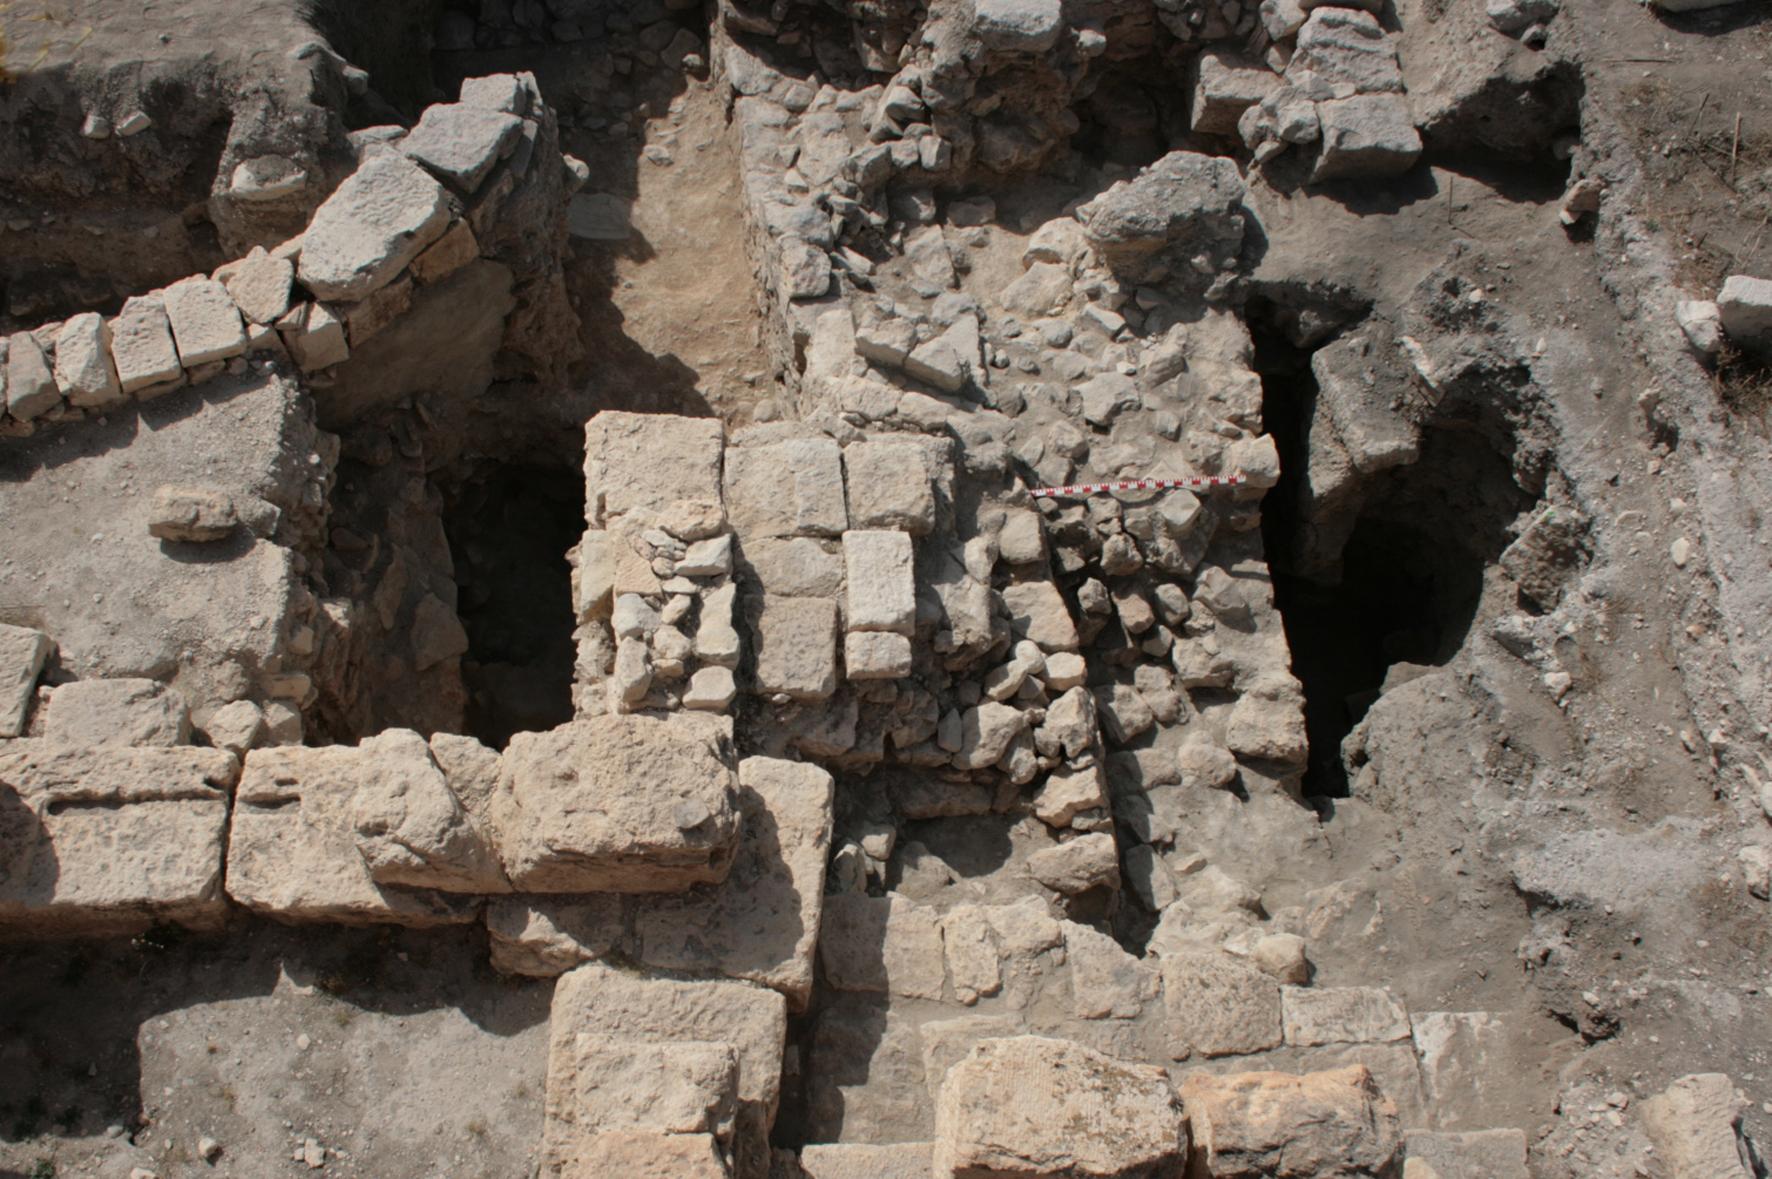 Vista zenital de la muralla preromana d'Althiburos, parcialment oculta per estructures d'època vàndala i afectada per fosses medievals